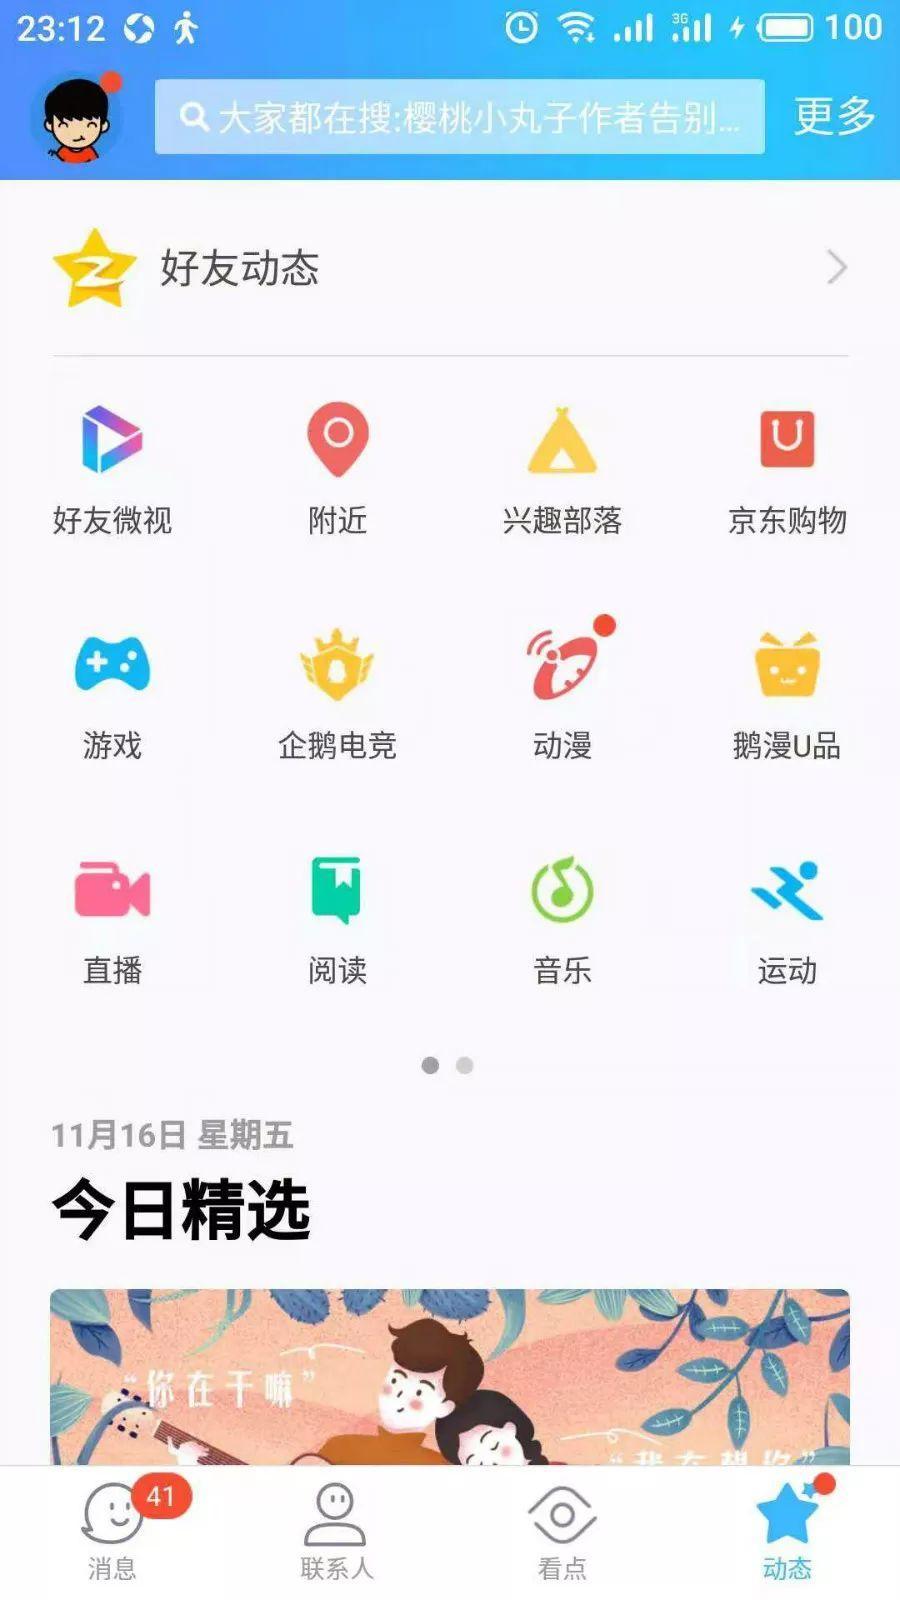 被 00 后占据的 QQ,正在为腾讯解决「中年危机」